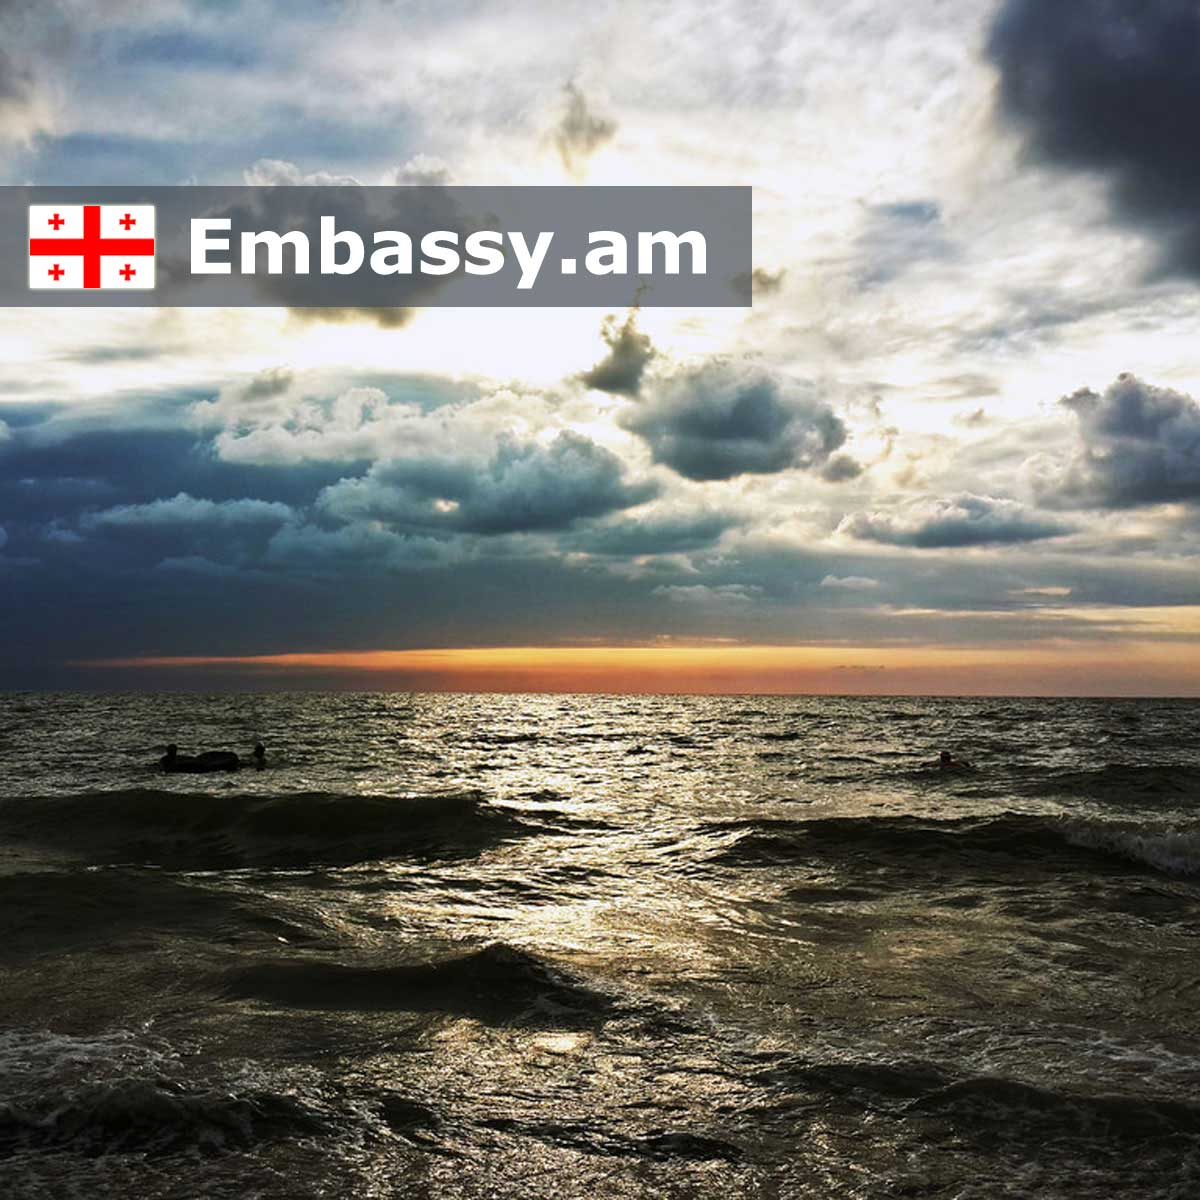 Уреки - Отели в Грузии - Embassy.am